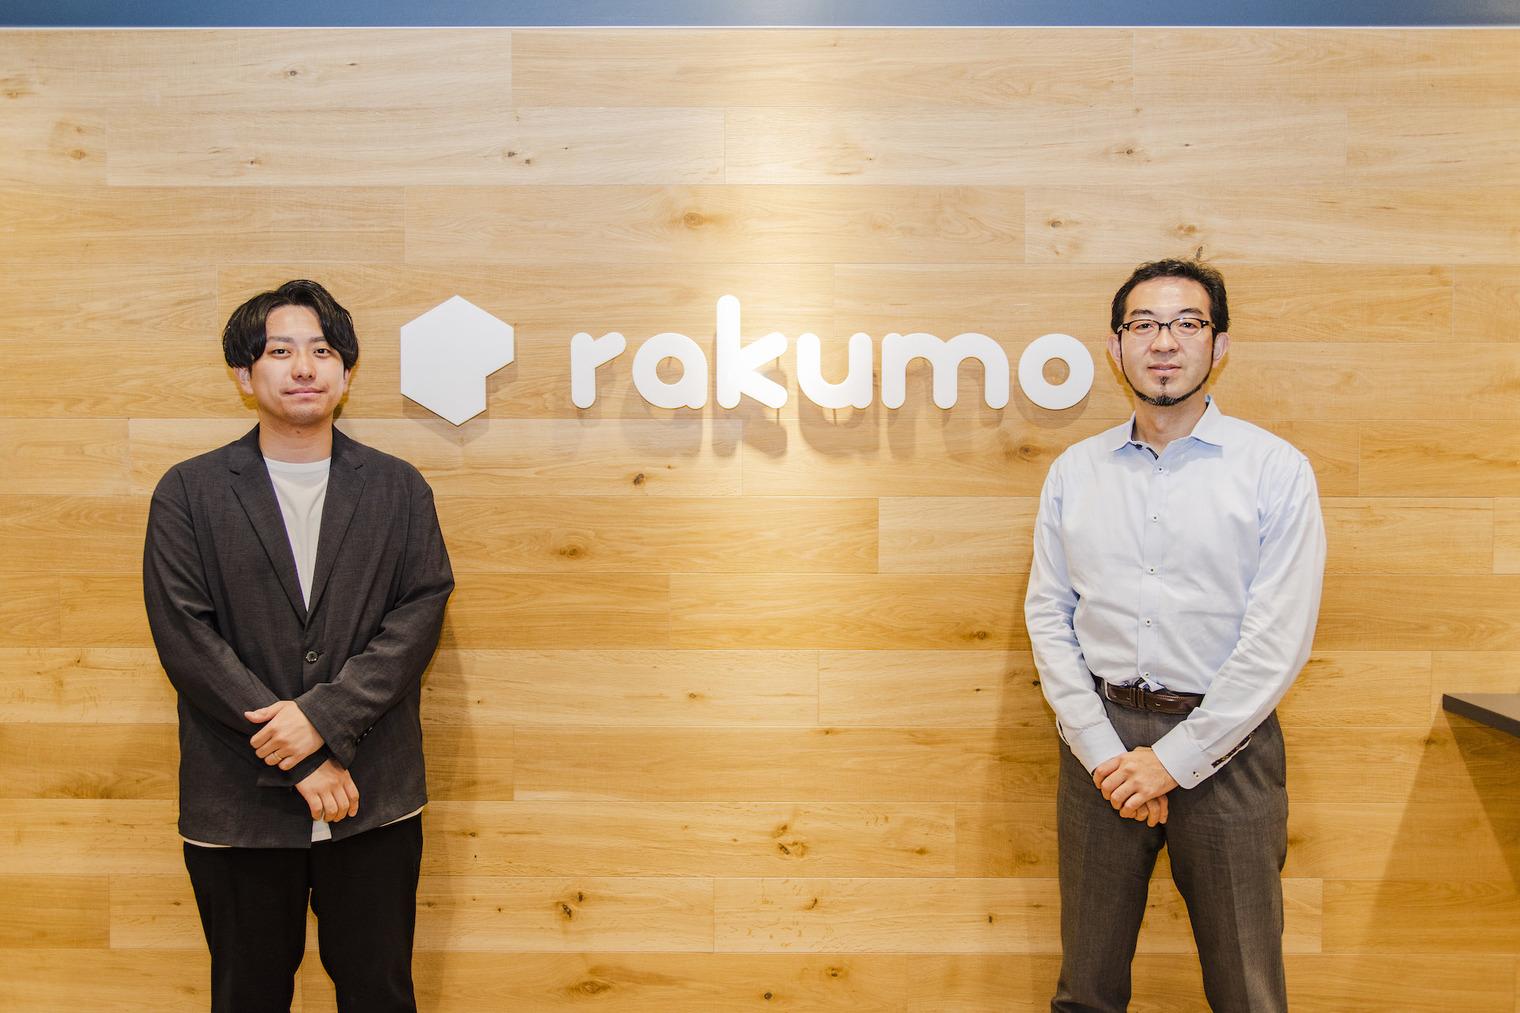 「実績がある制作会社の紹介だから、信頼できた」ーーrakumoが『Workship AGENT』でデザイナーをアサインした理由